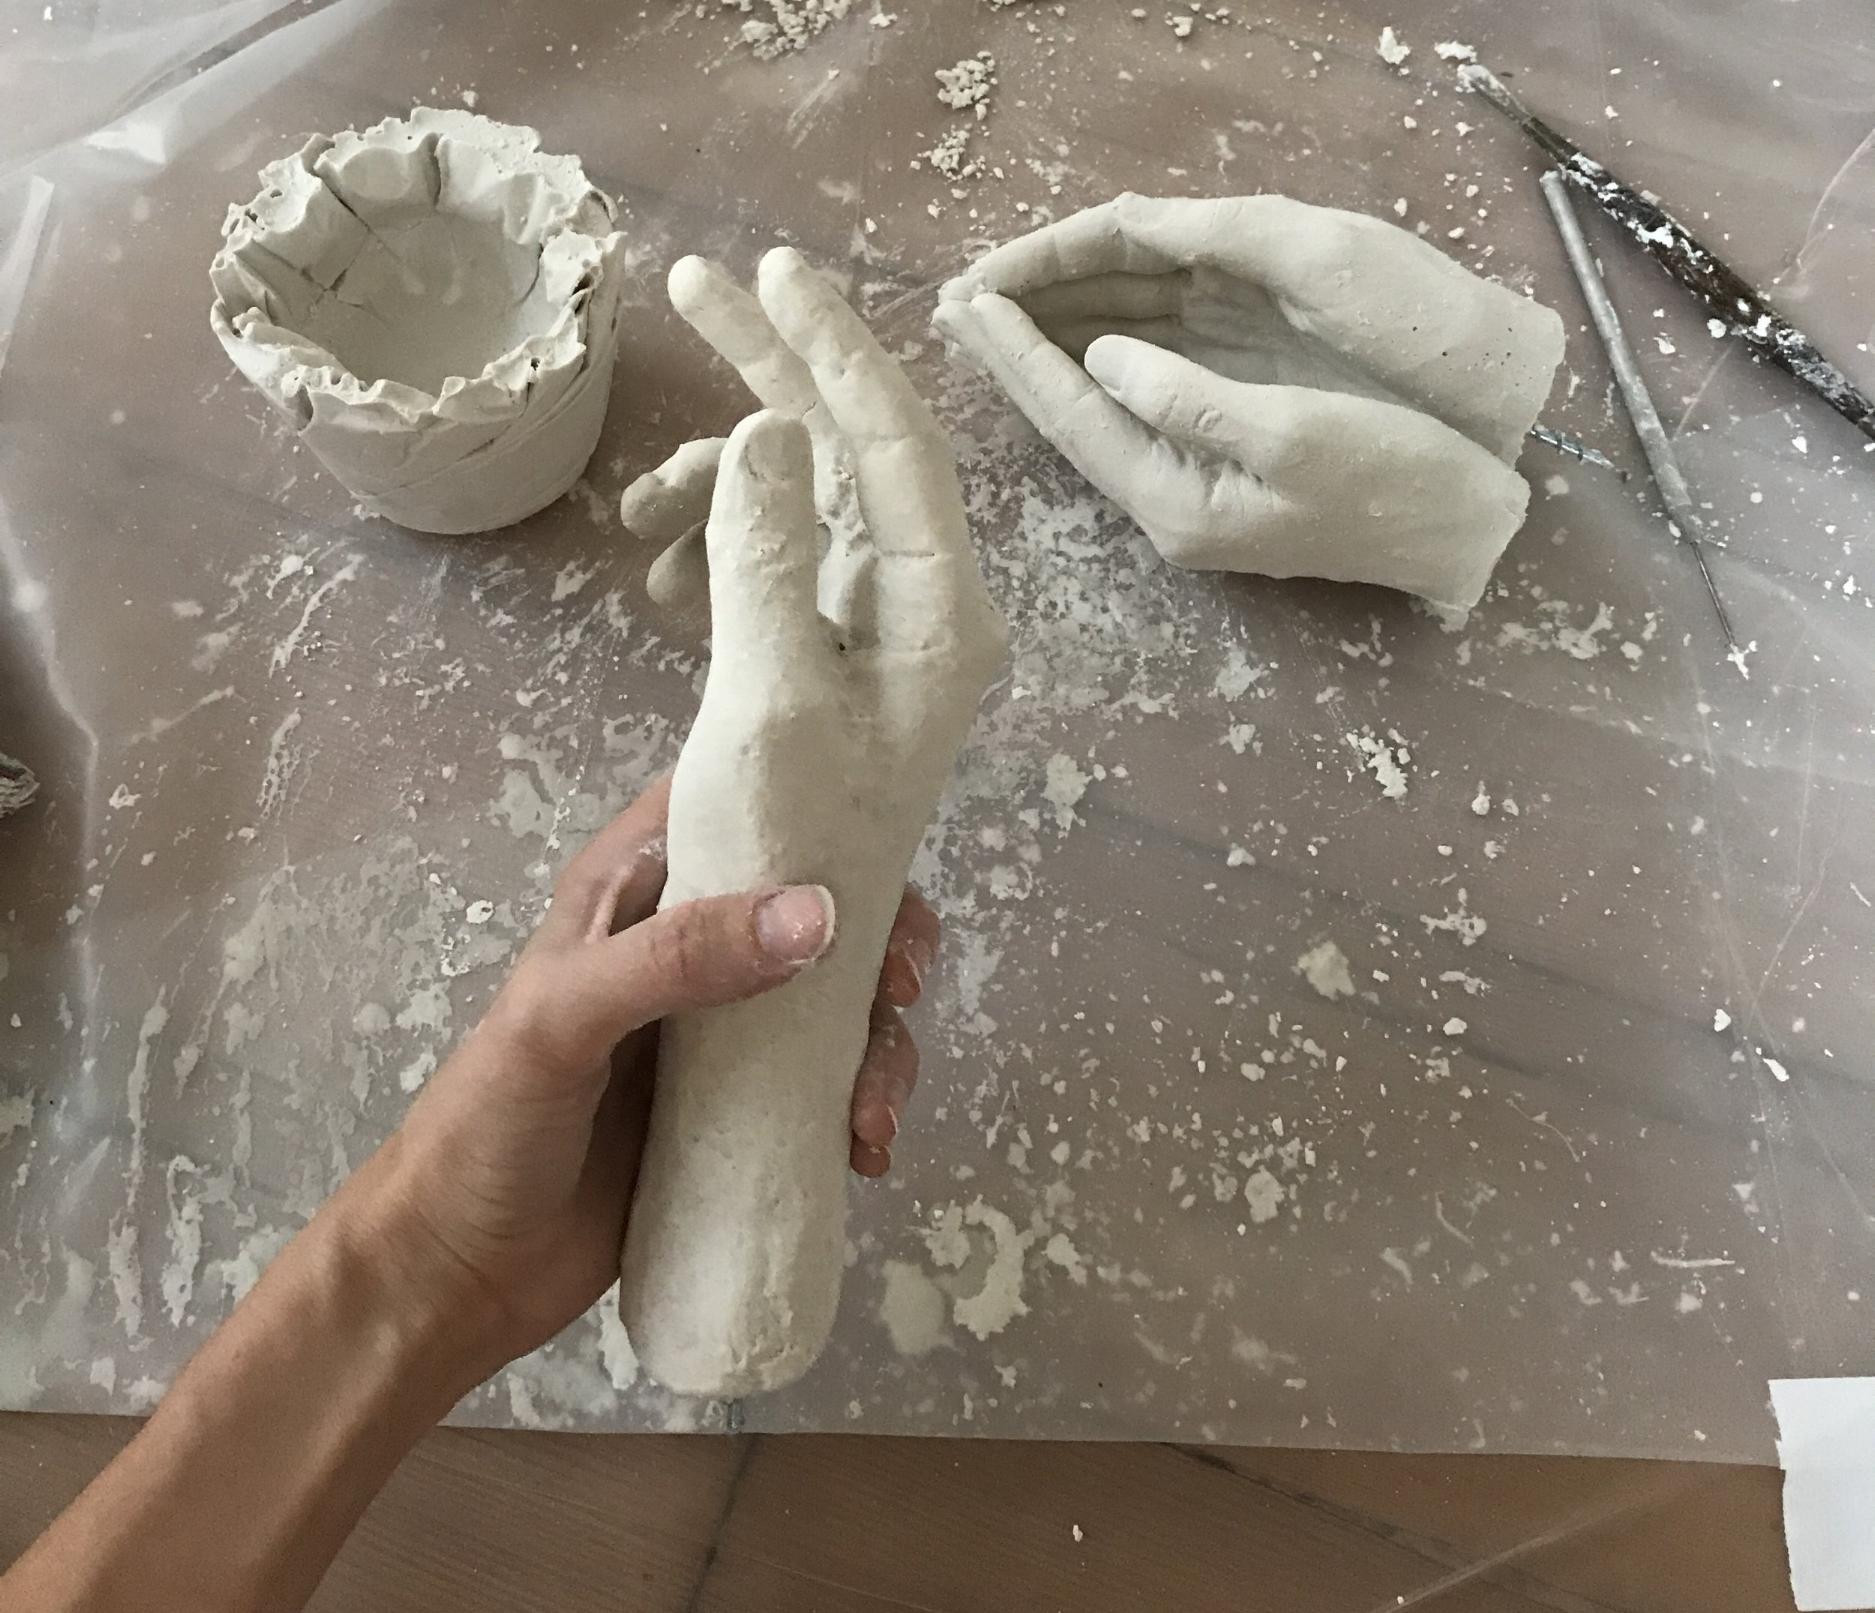 Hand studies in plaster of paris.